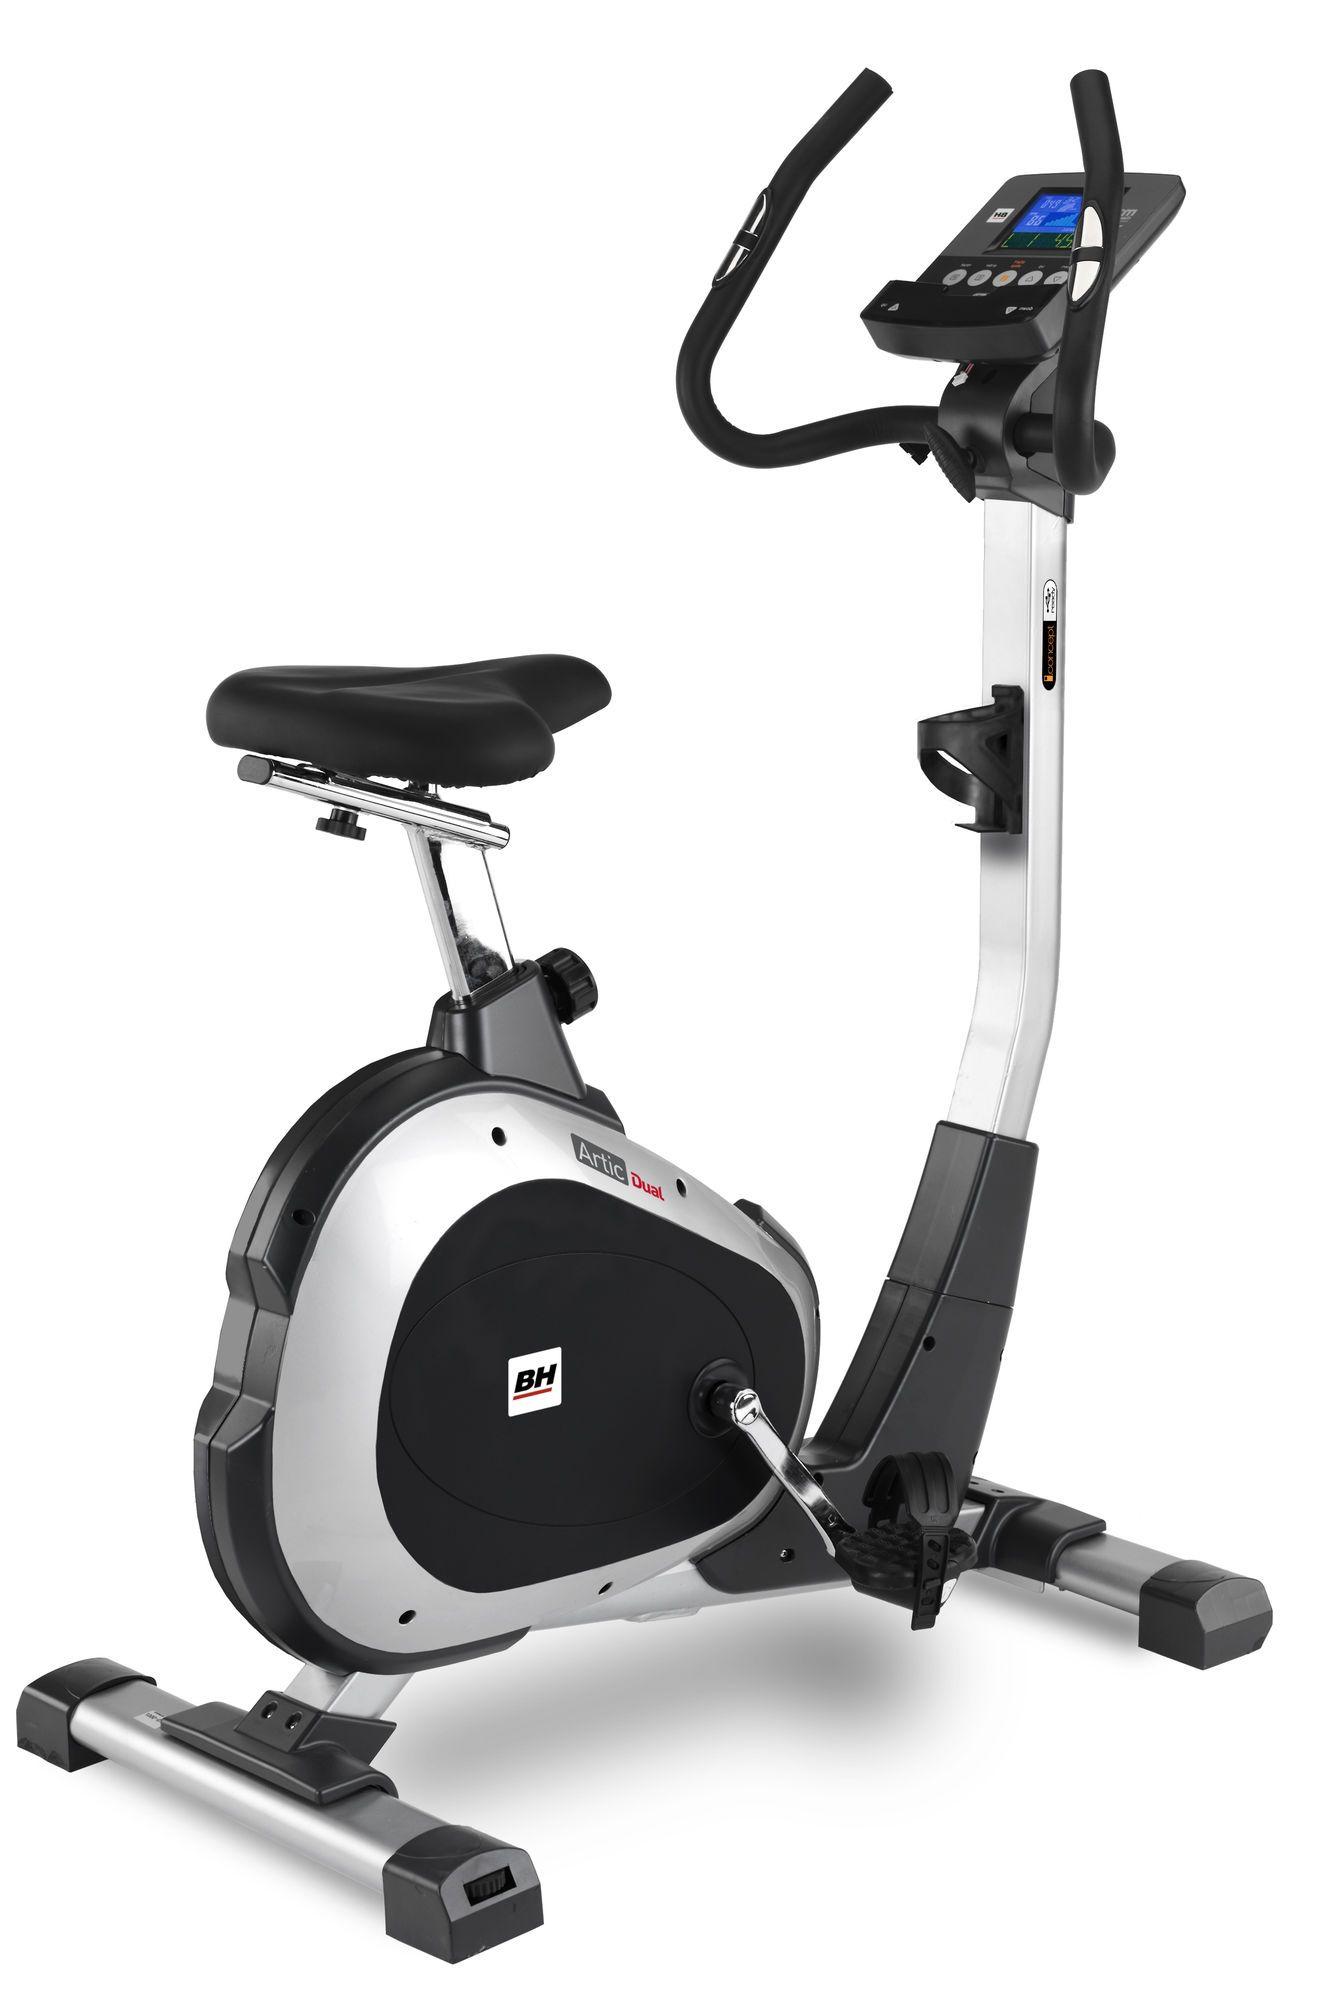 Afbeelding van BH Fitness i.Artic Dual Hometrainer 2017